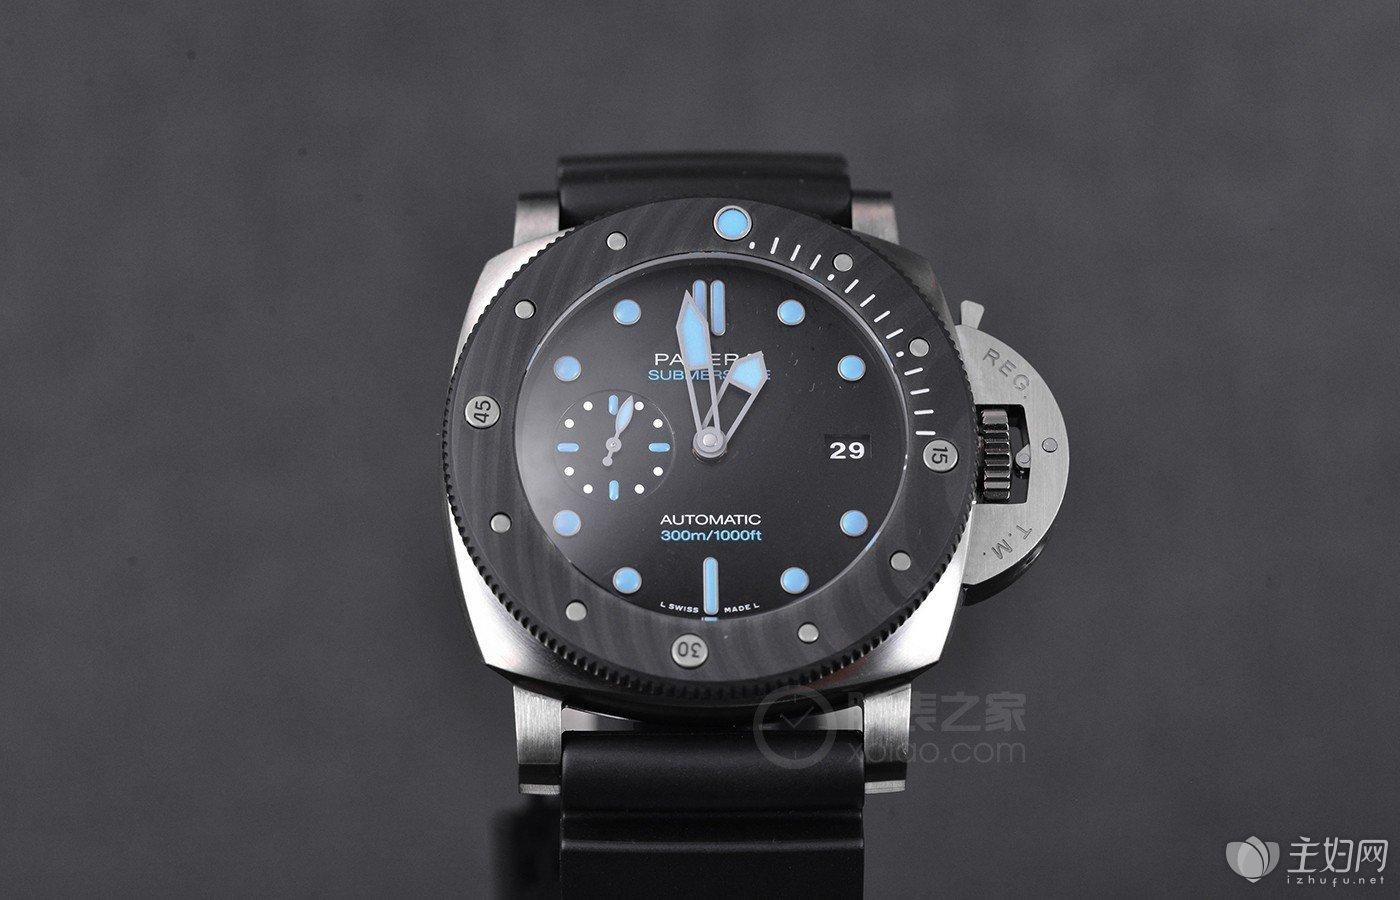 夏季潜水表来袭 品鉴沛纳海潜行系列金属玻璃腕表